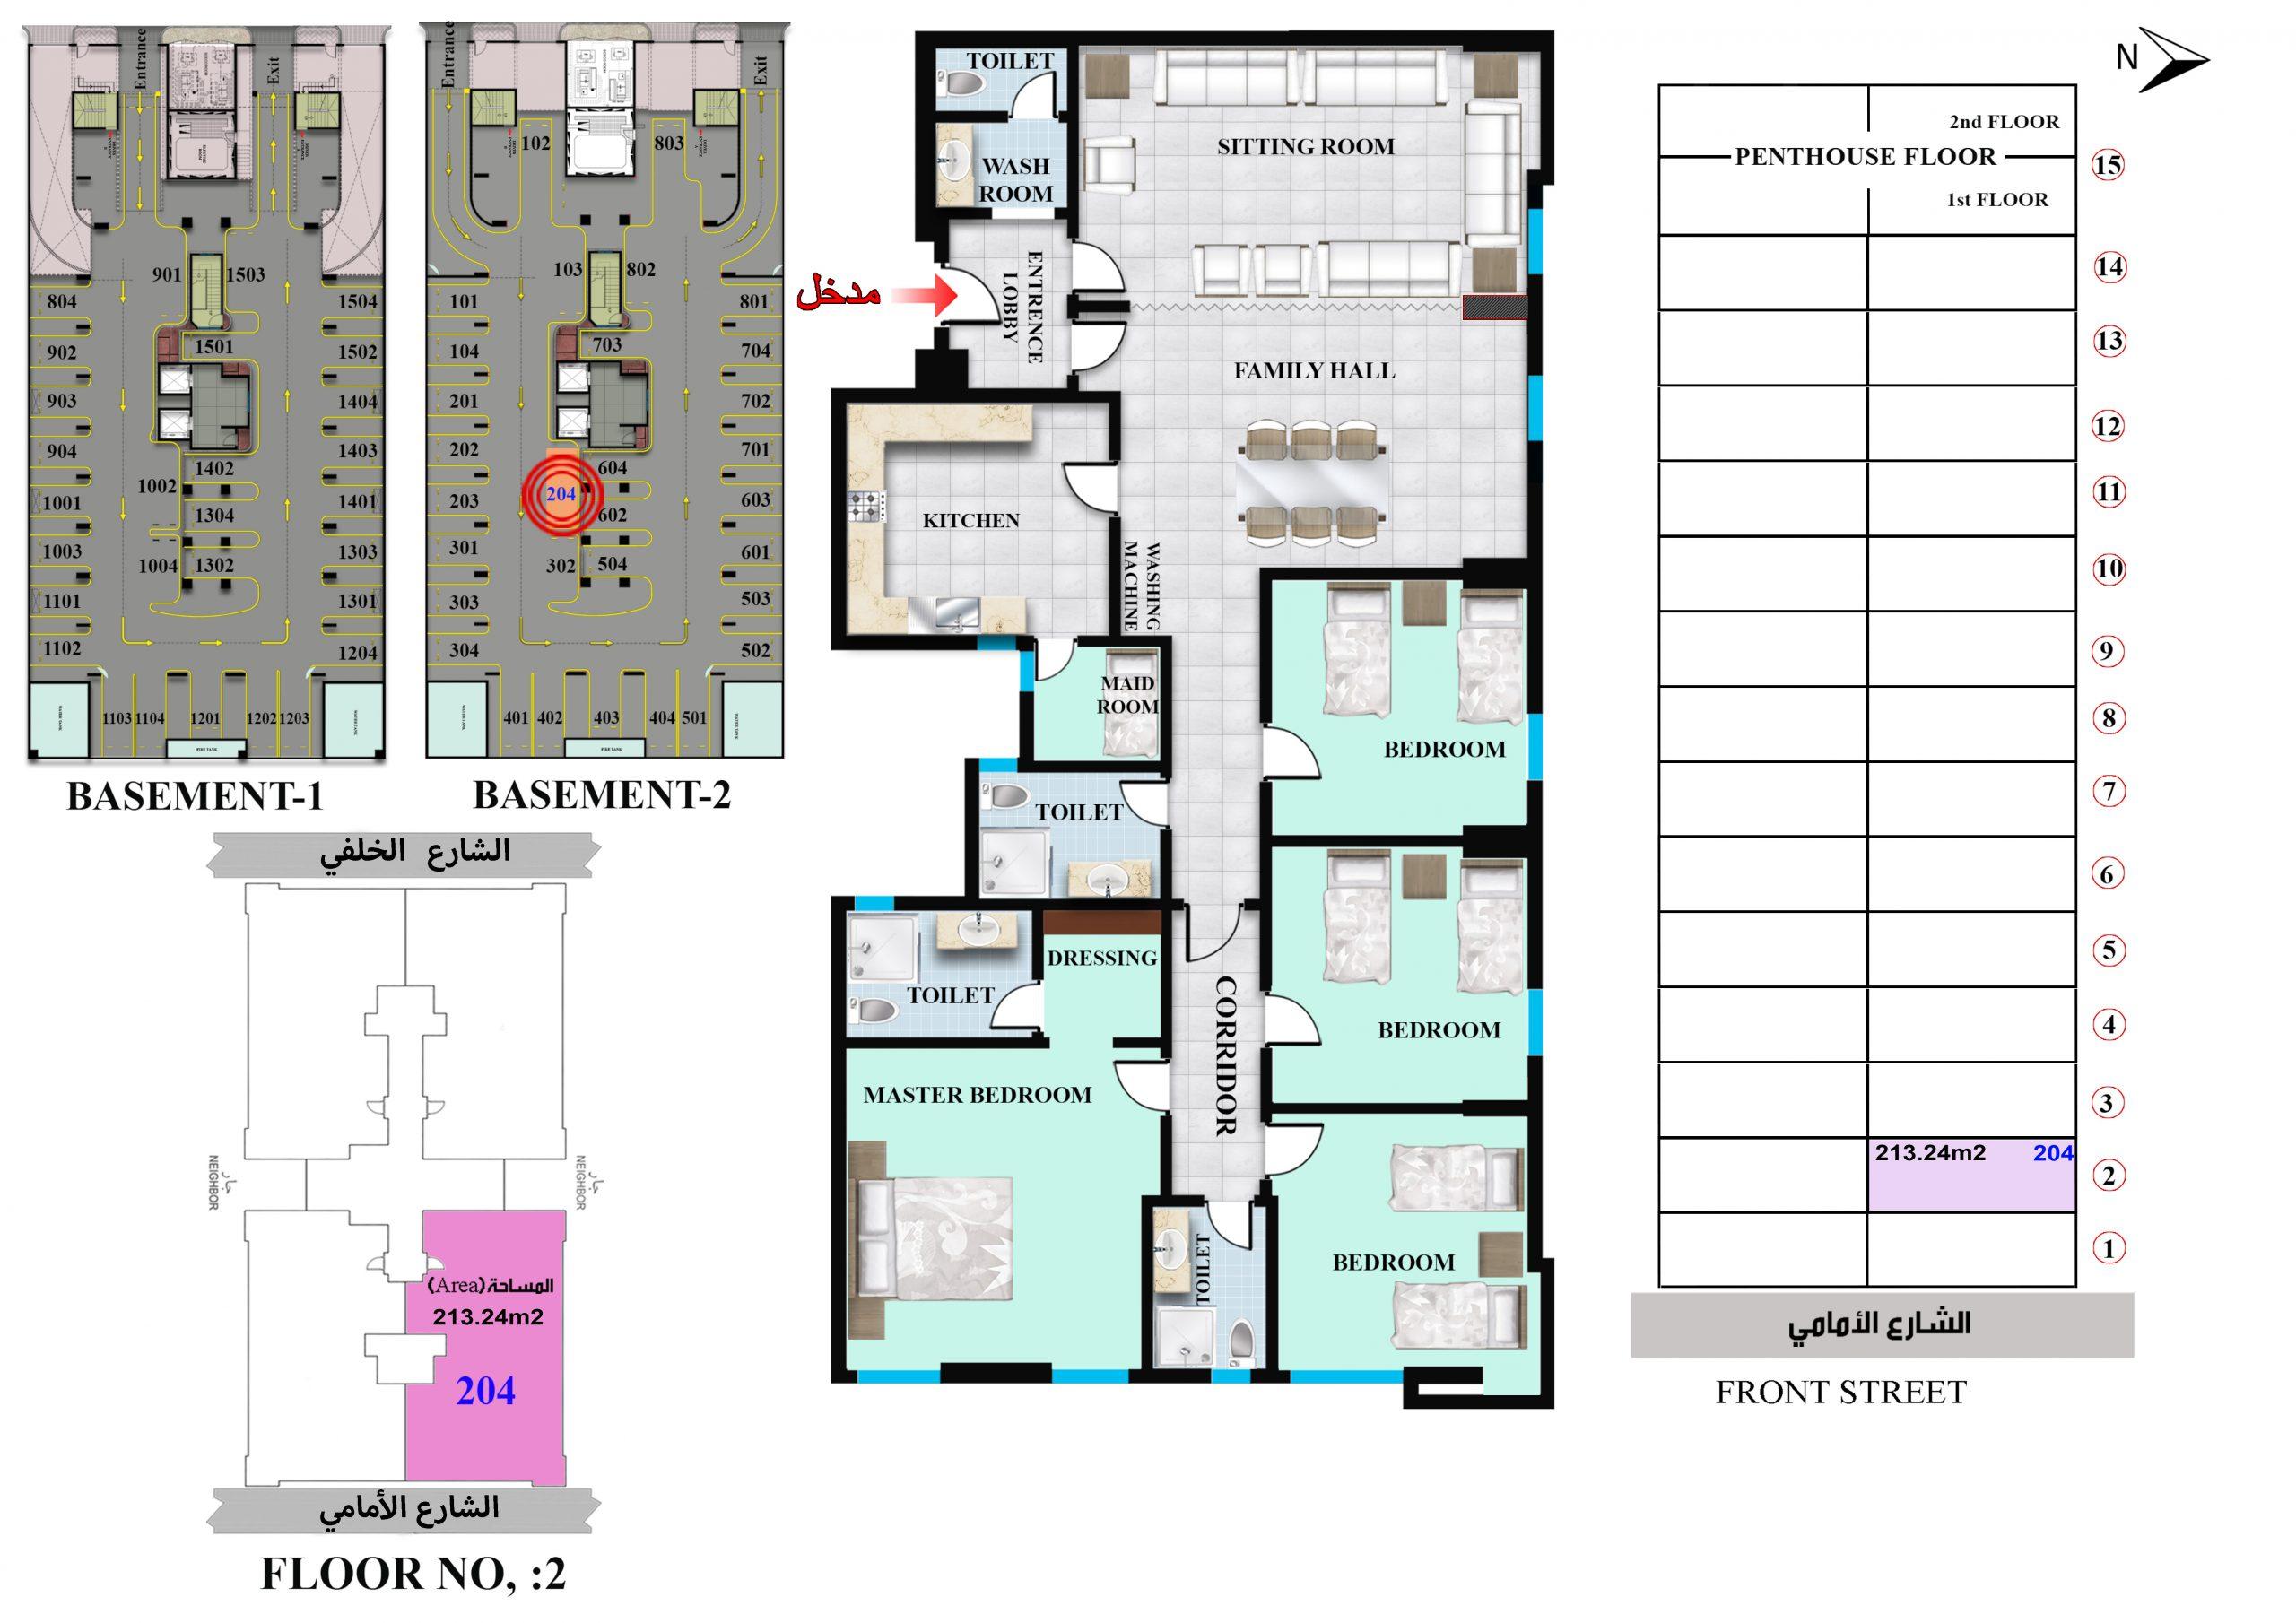 شقة رقم 204